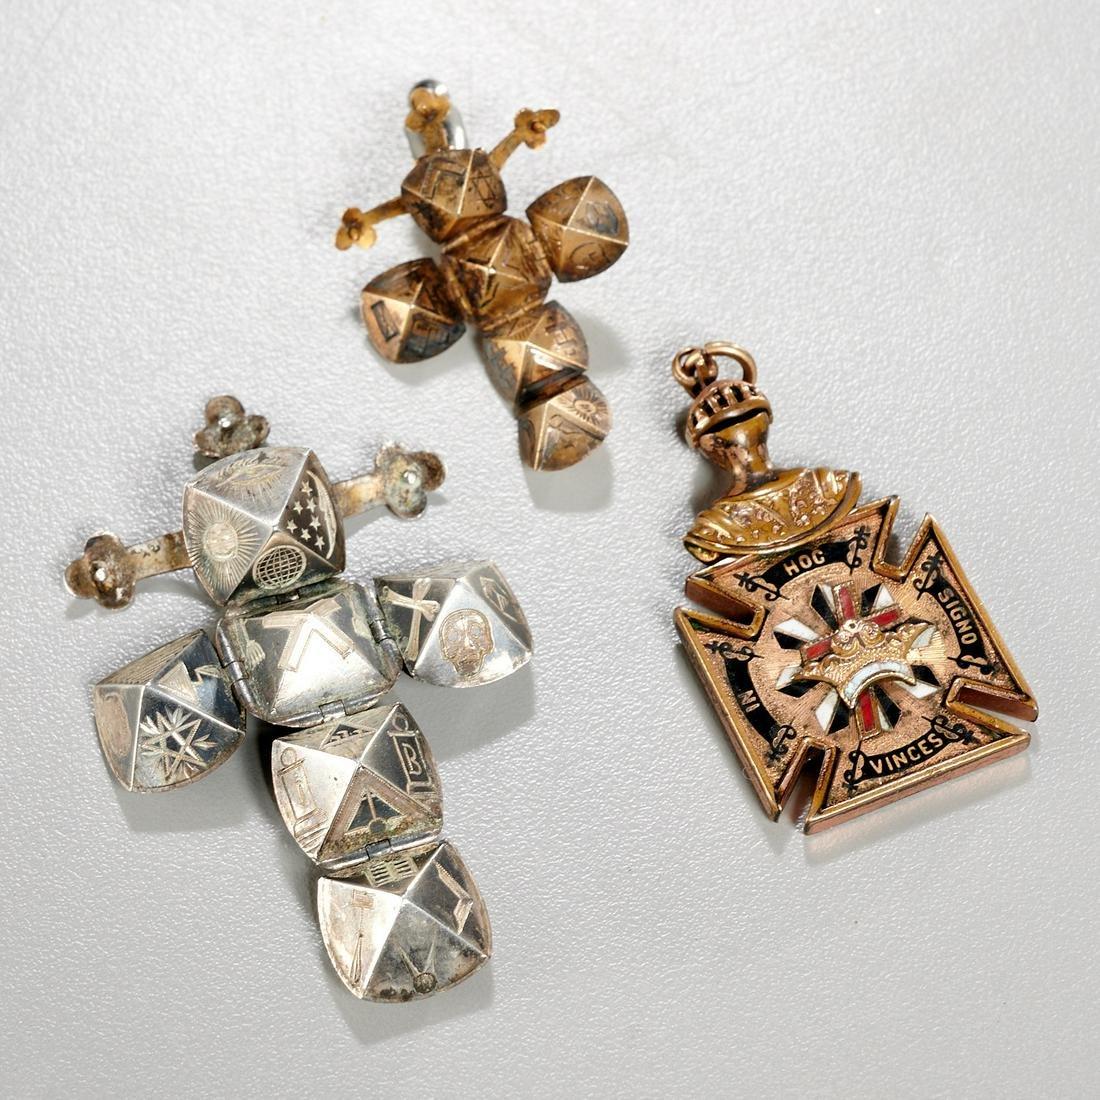 Masonic jewelry group